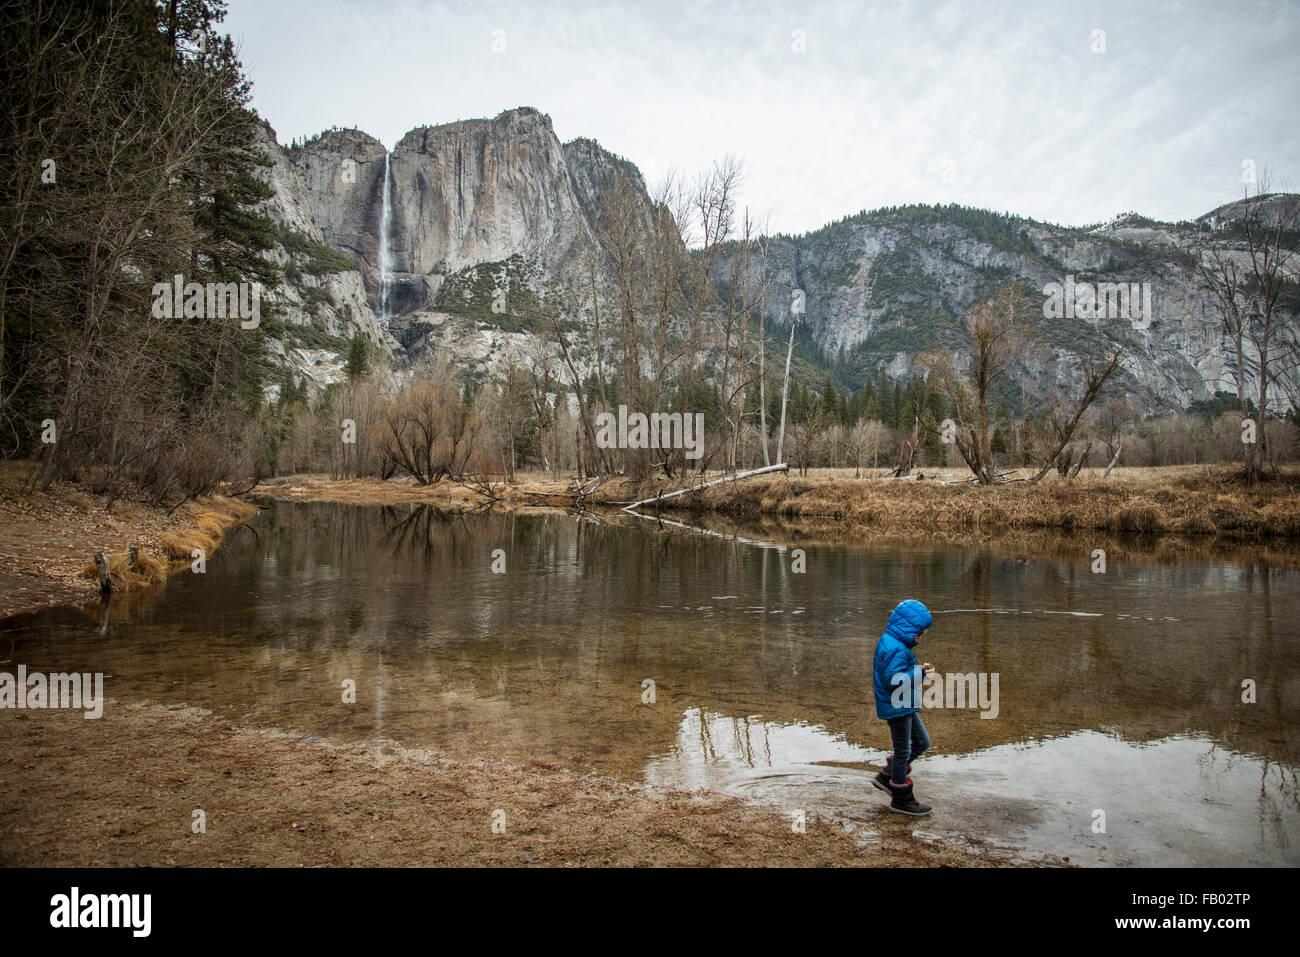 Un giovane bambino camminando sul bordo del fiume nella valle di Yosemite in autunno.indossando un blu cappotto Immagini Stock